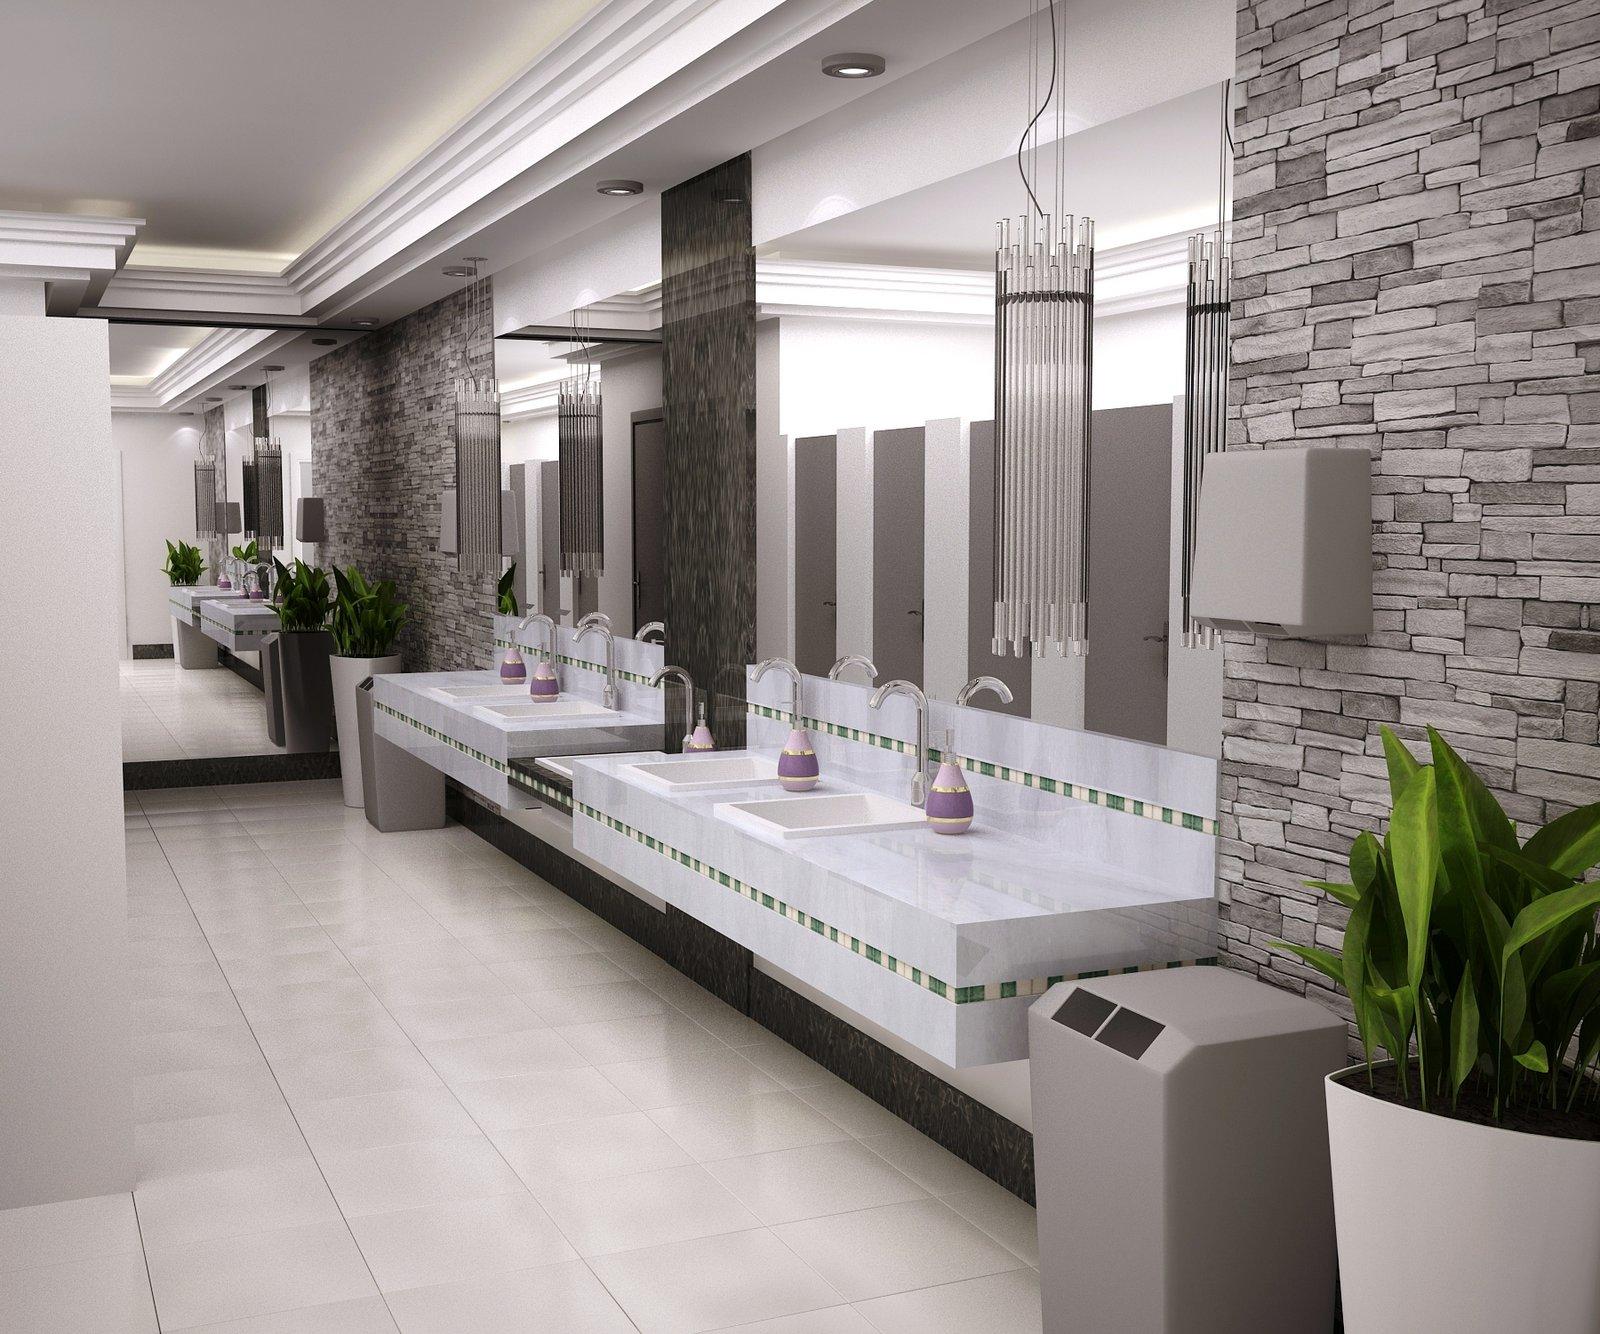 Banheiro publico. #4C5F1E 1600 1334